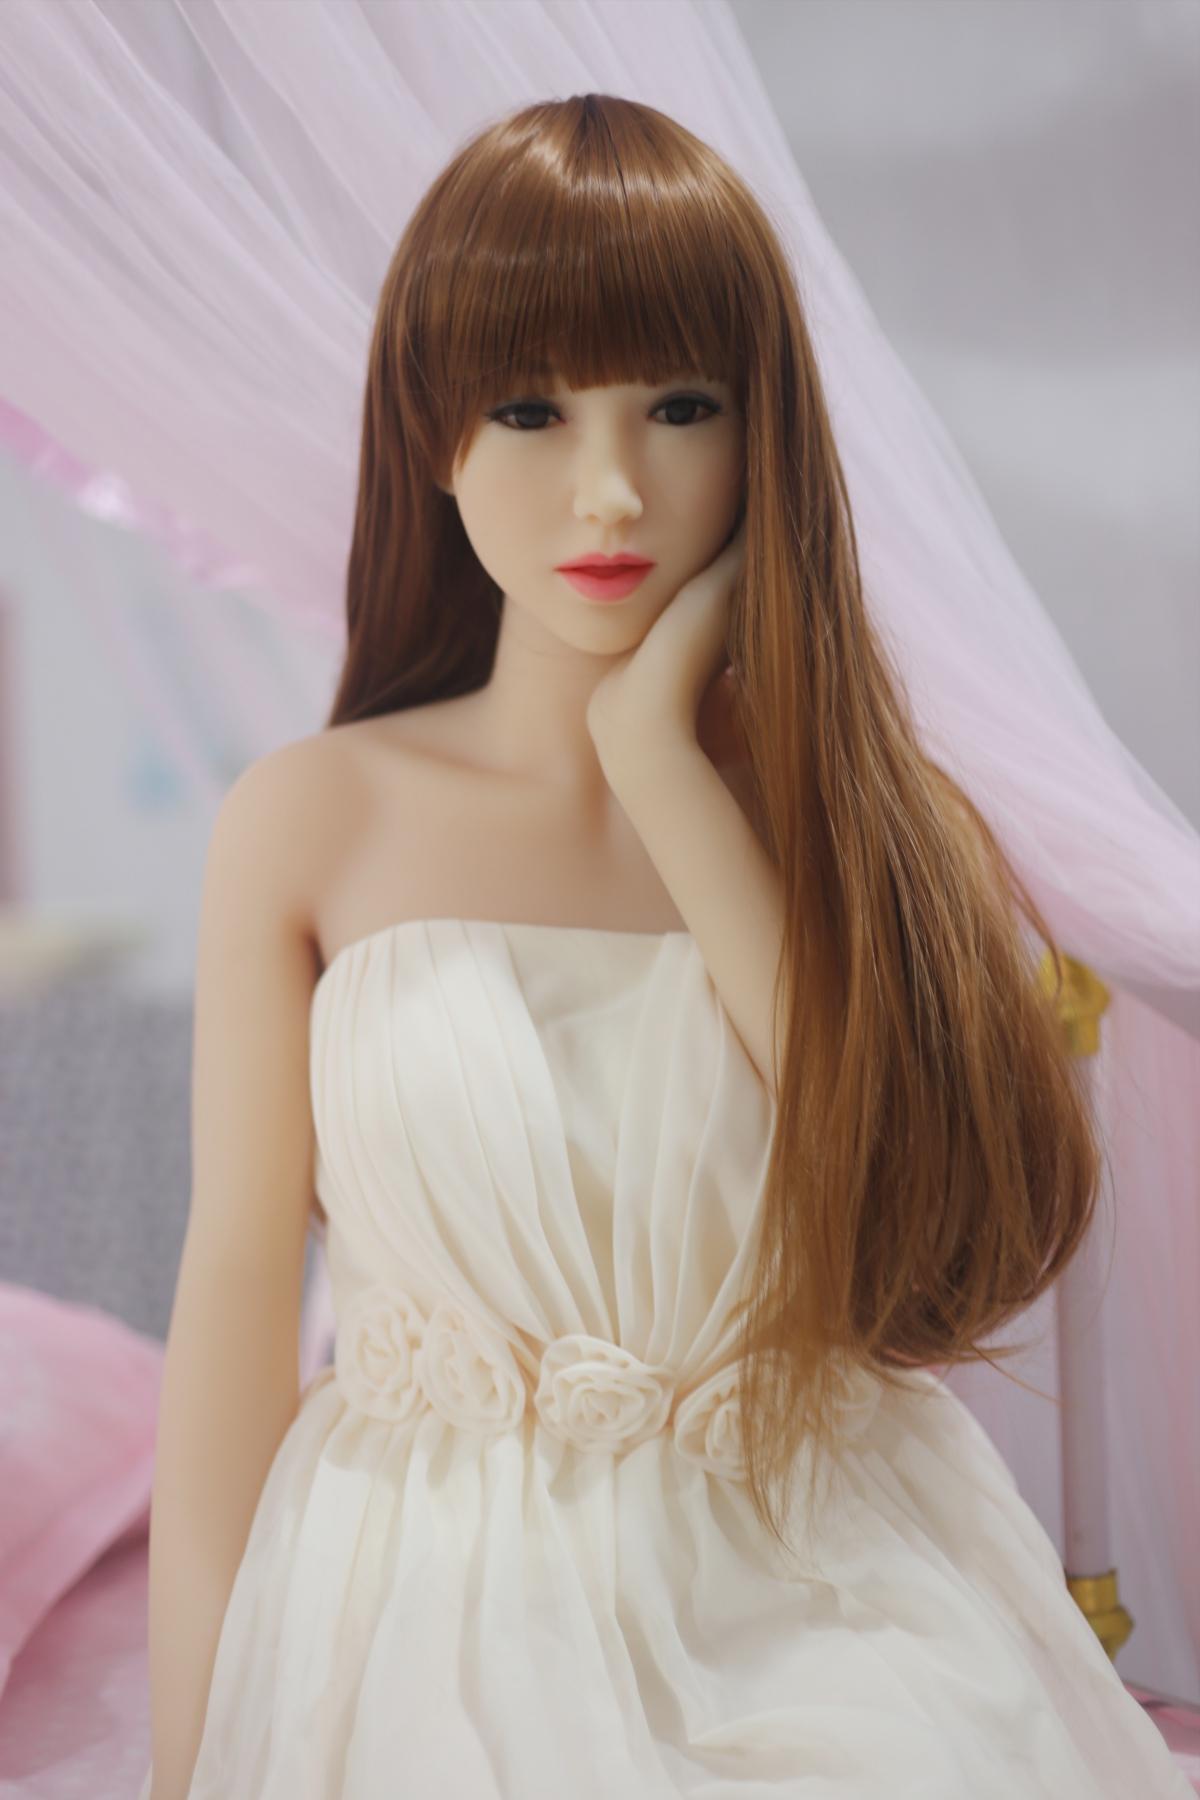 Realistic Sex Doll Japanese Realistic Dolls - Ella 148cm